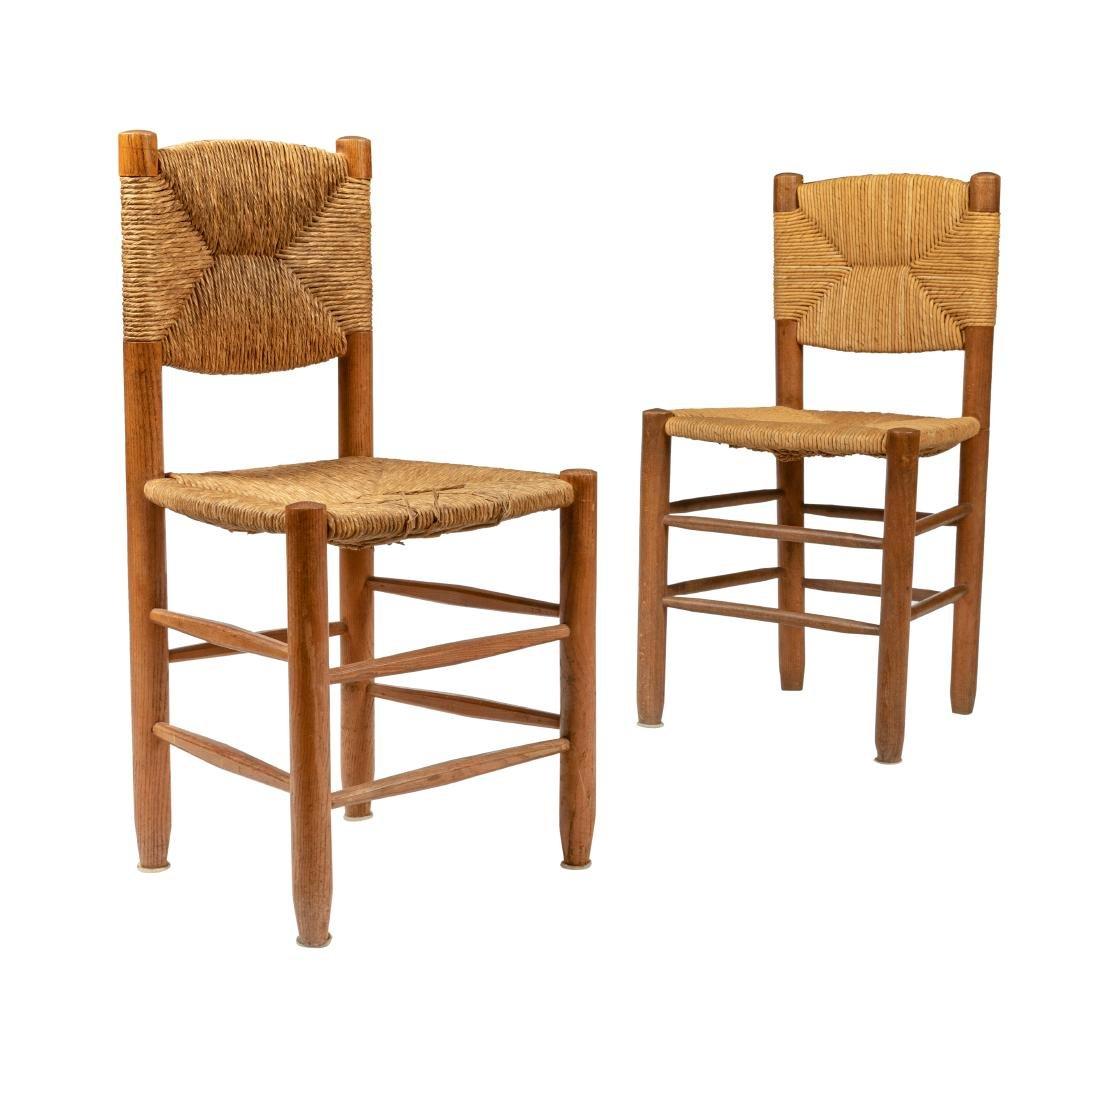 Charlotte Perriand - Oak & Rush Chairs - Pair